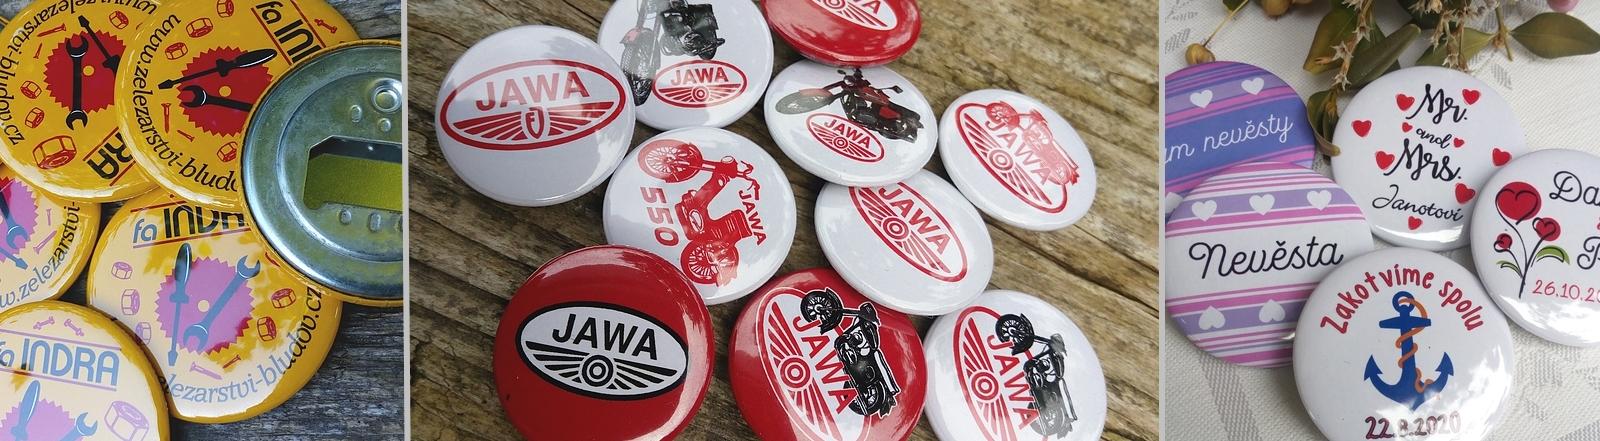 výroba placky a odznaky Jawa